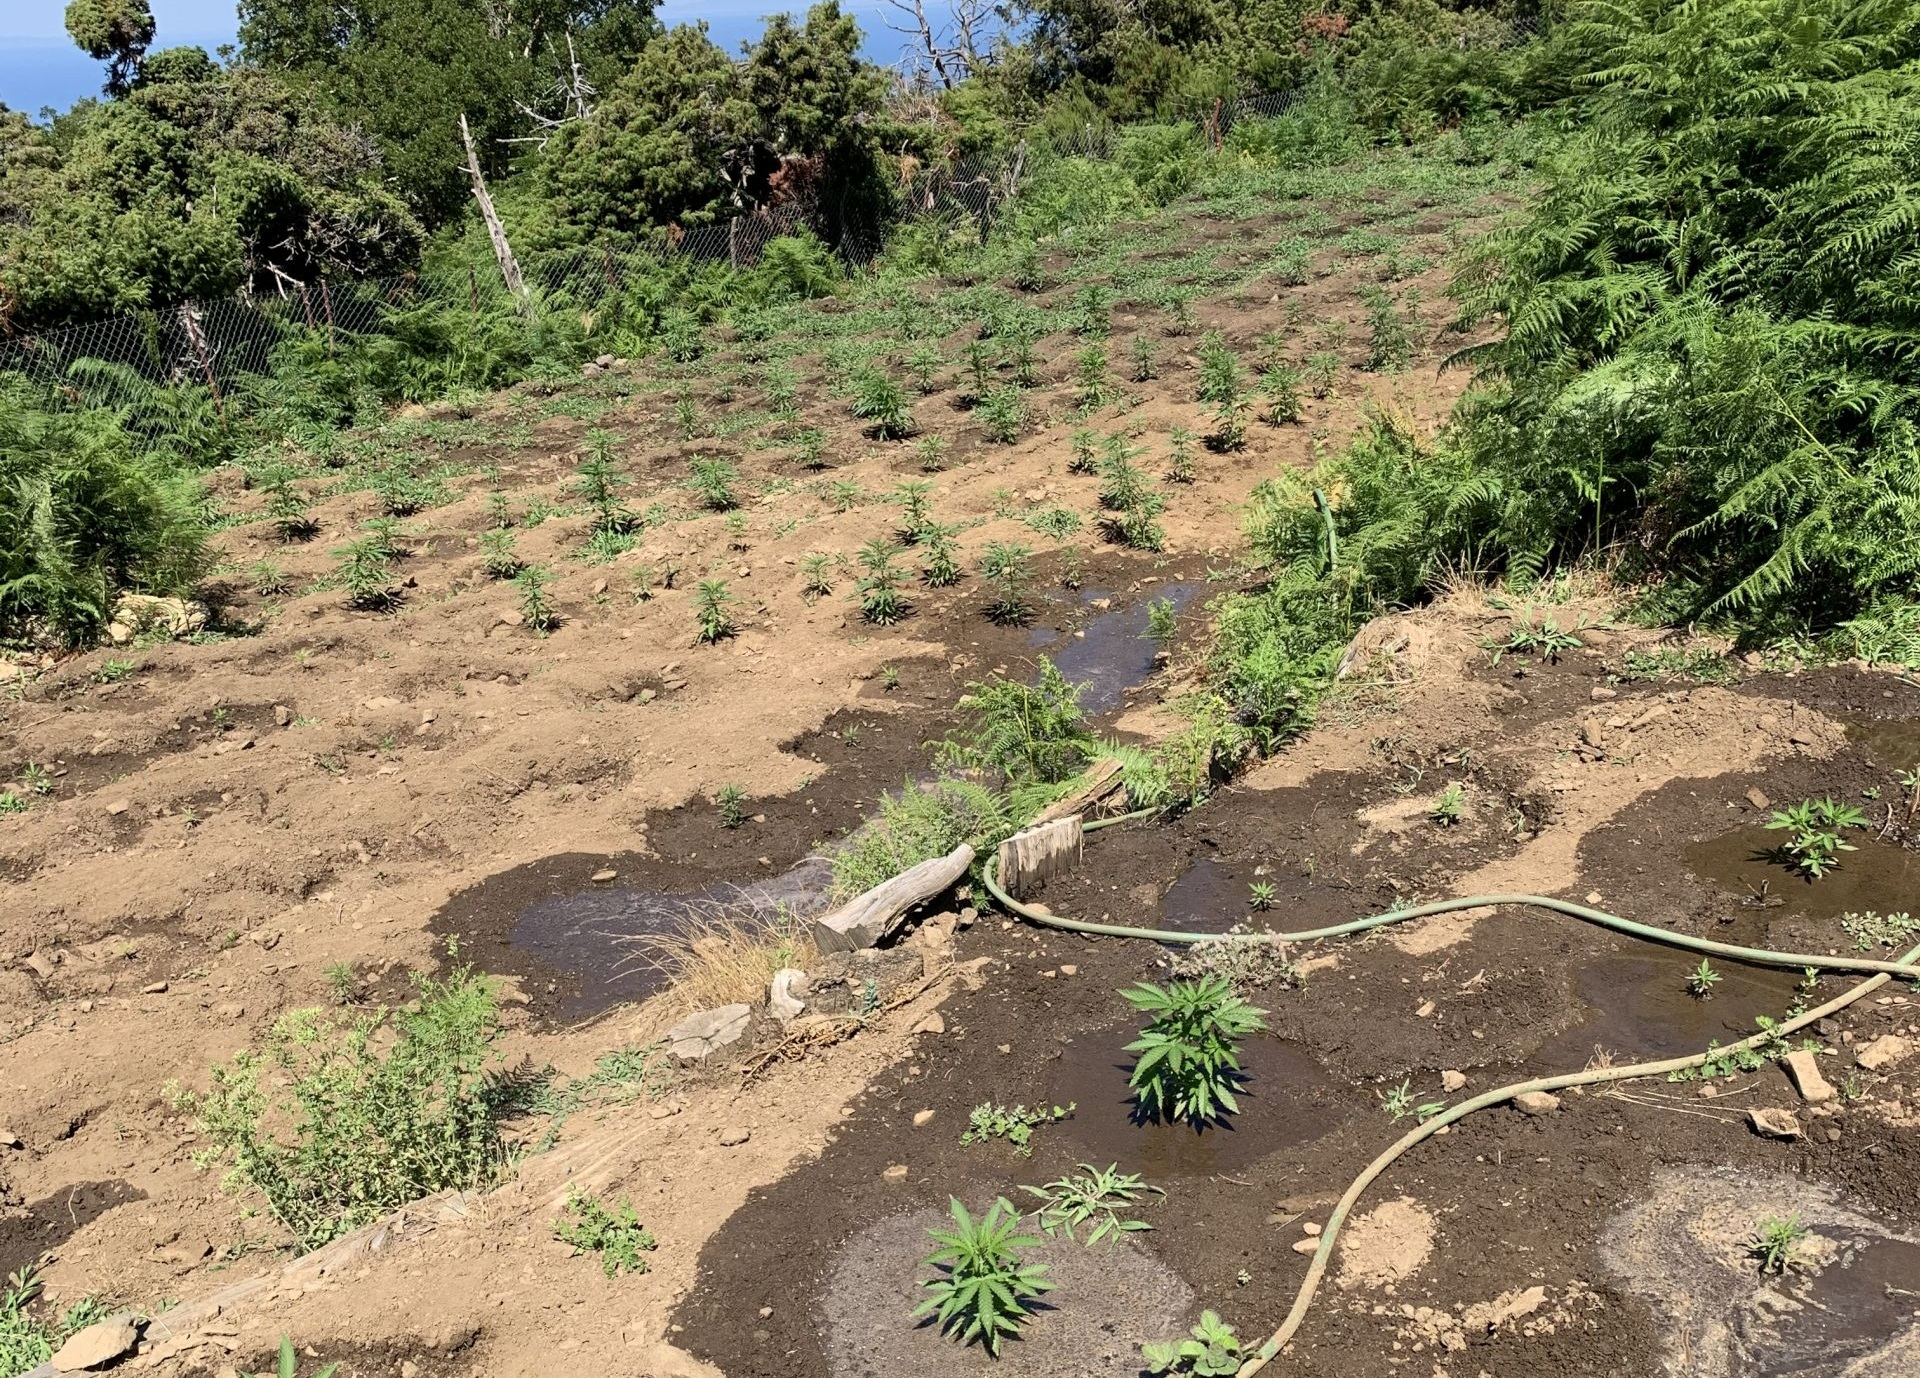 Σαμοθράκη: 415 χασισόδεντρα ξερίζωσε το Λιμενικό